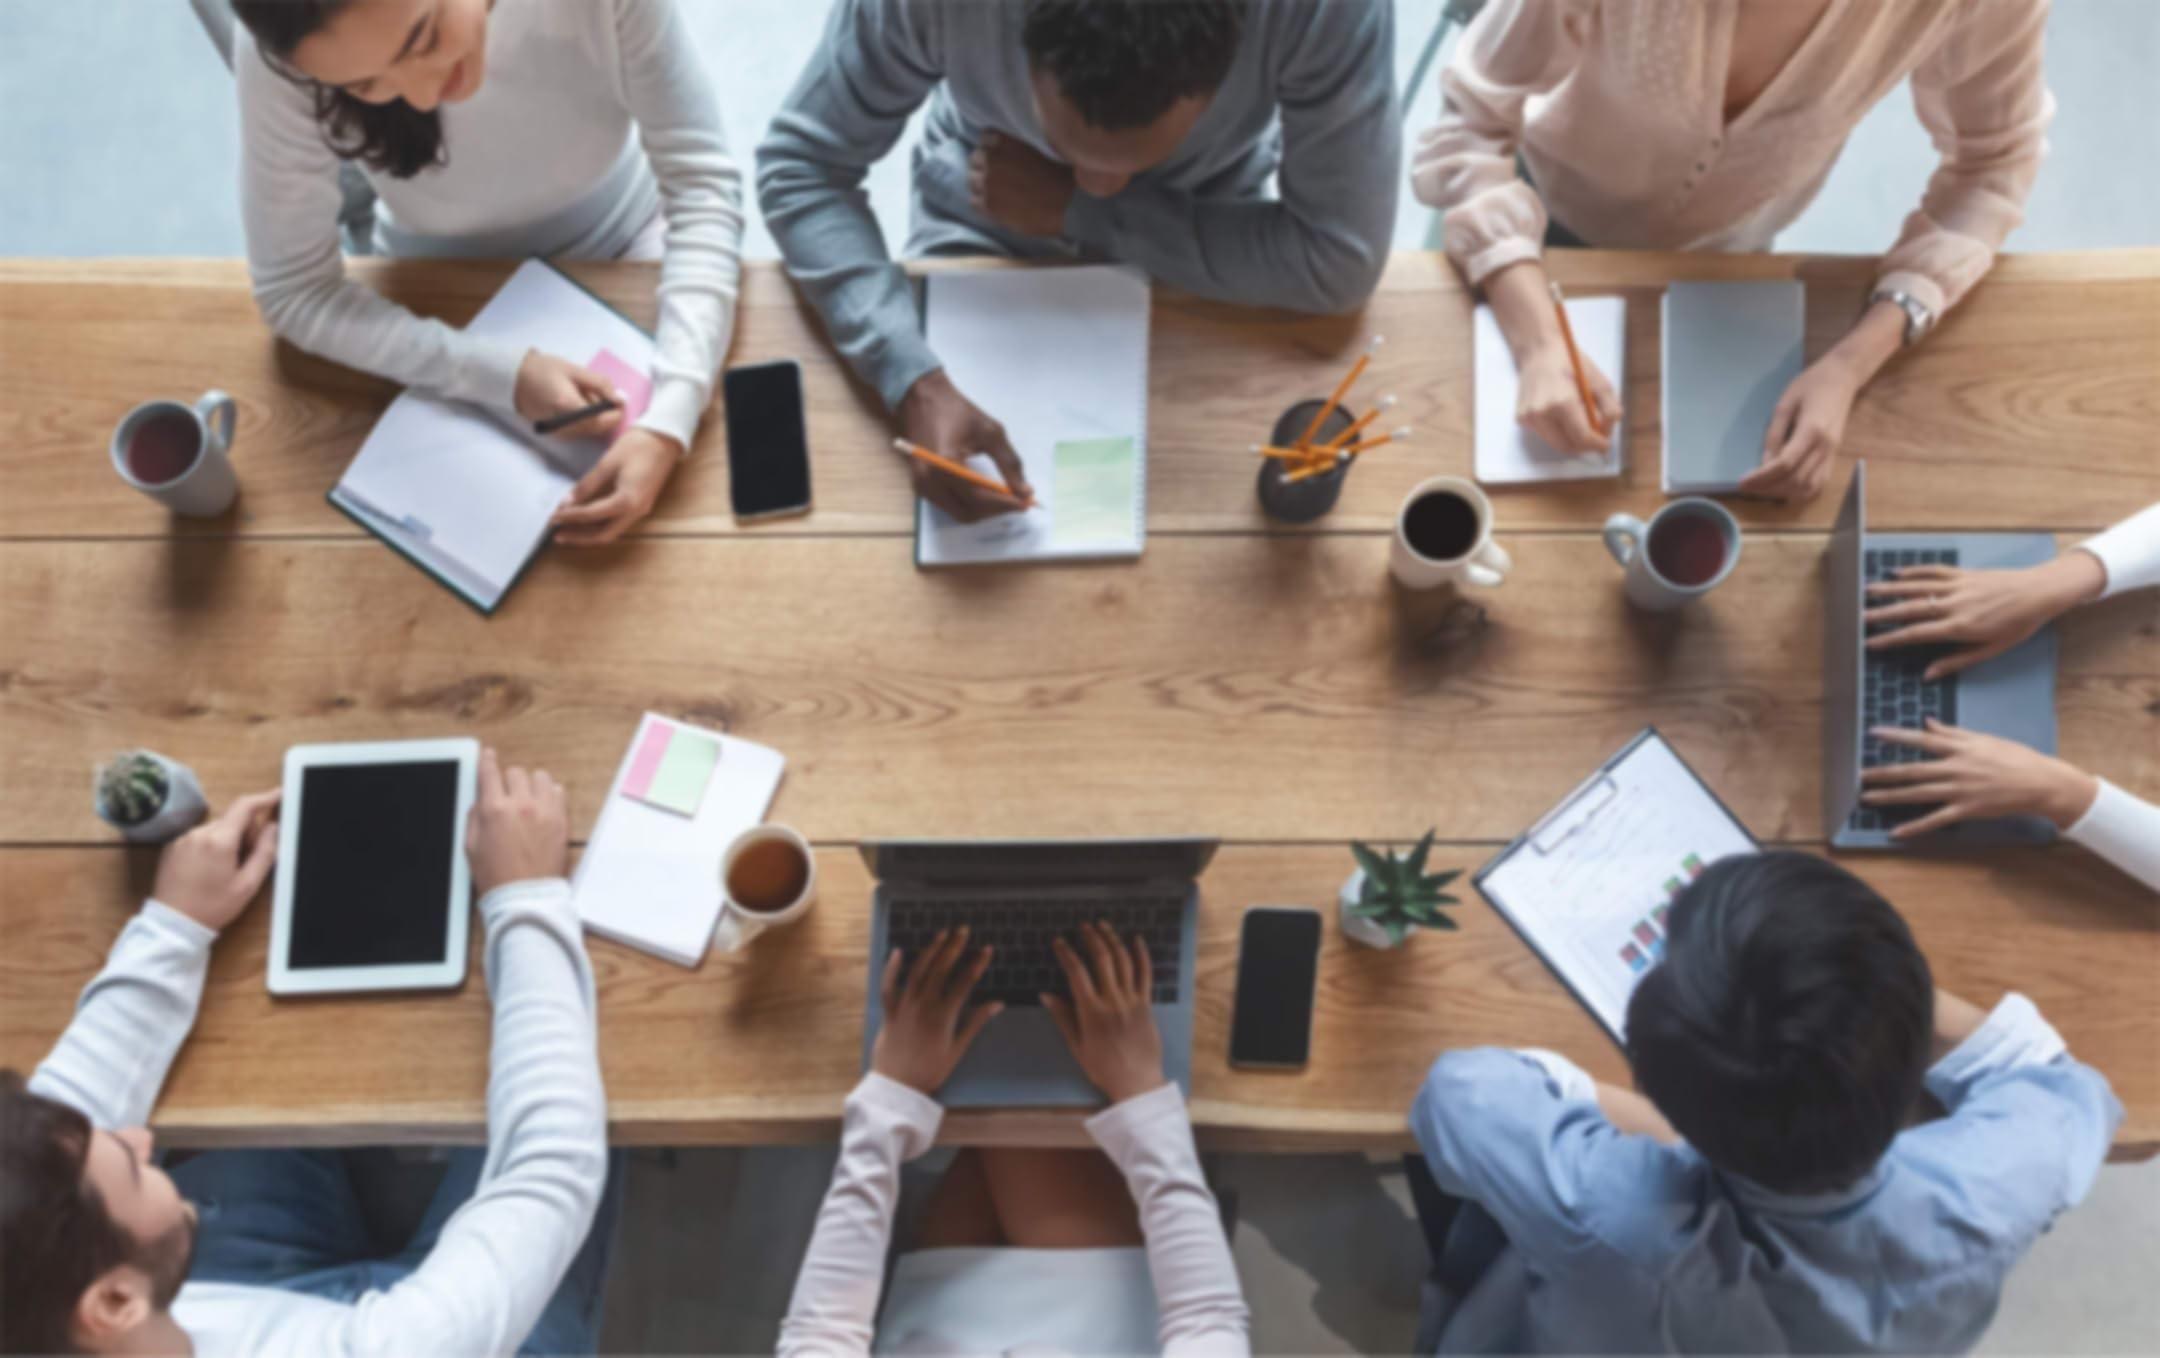 Vue à vol d'oiseau de personnes assises autour d'une table lors d'une réunion, prenant des notes et travaillant sur leurs ordinateurs portables et tablettes.